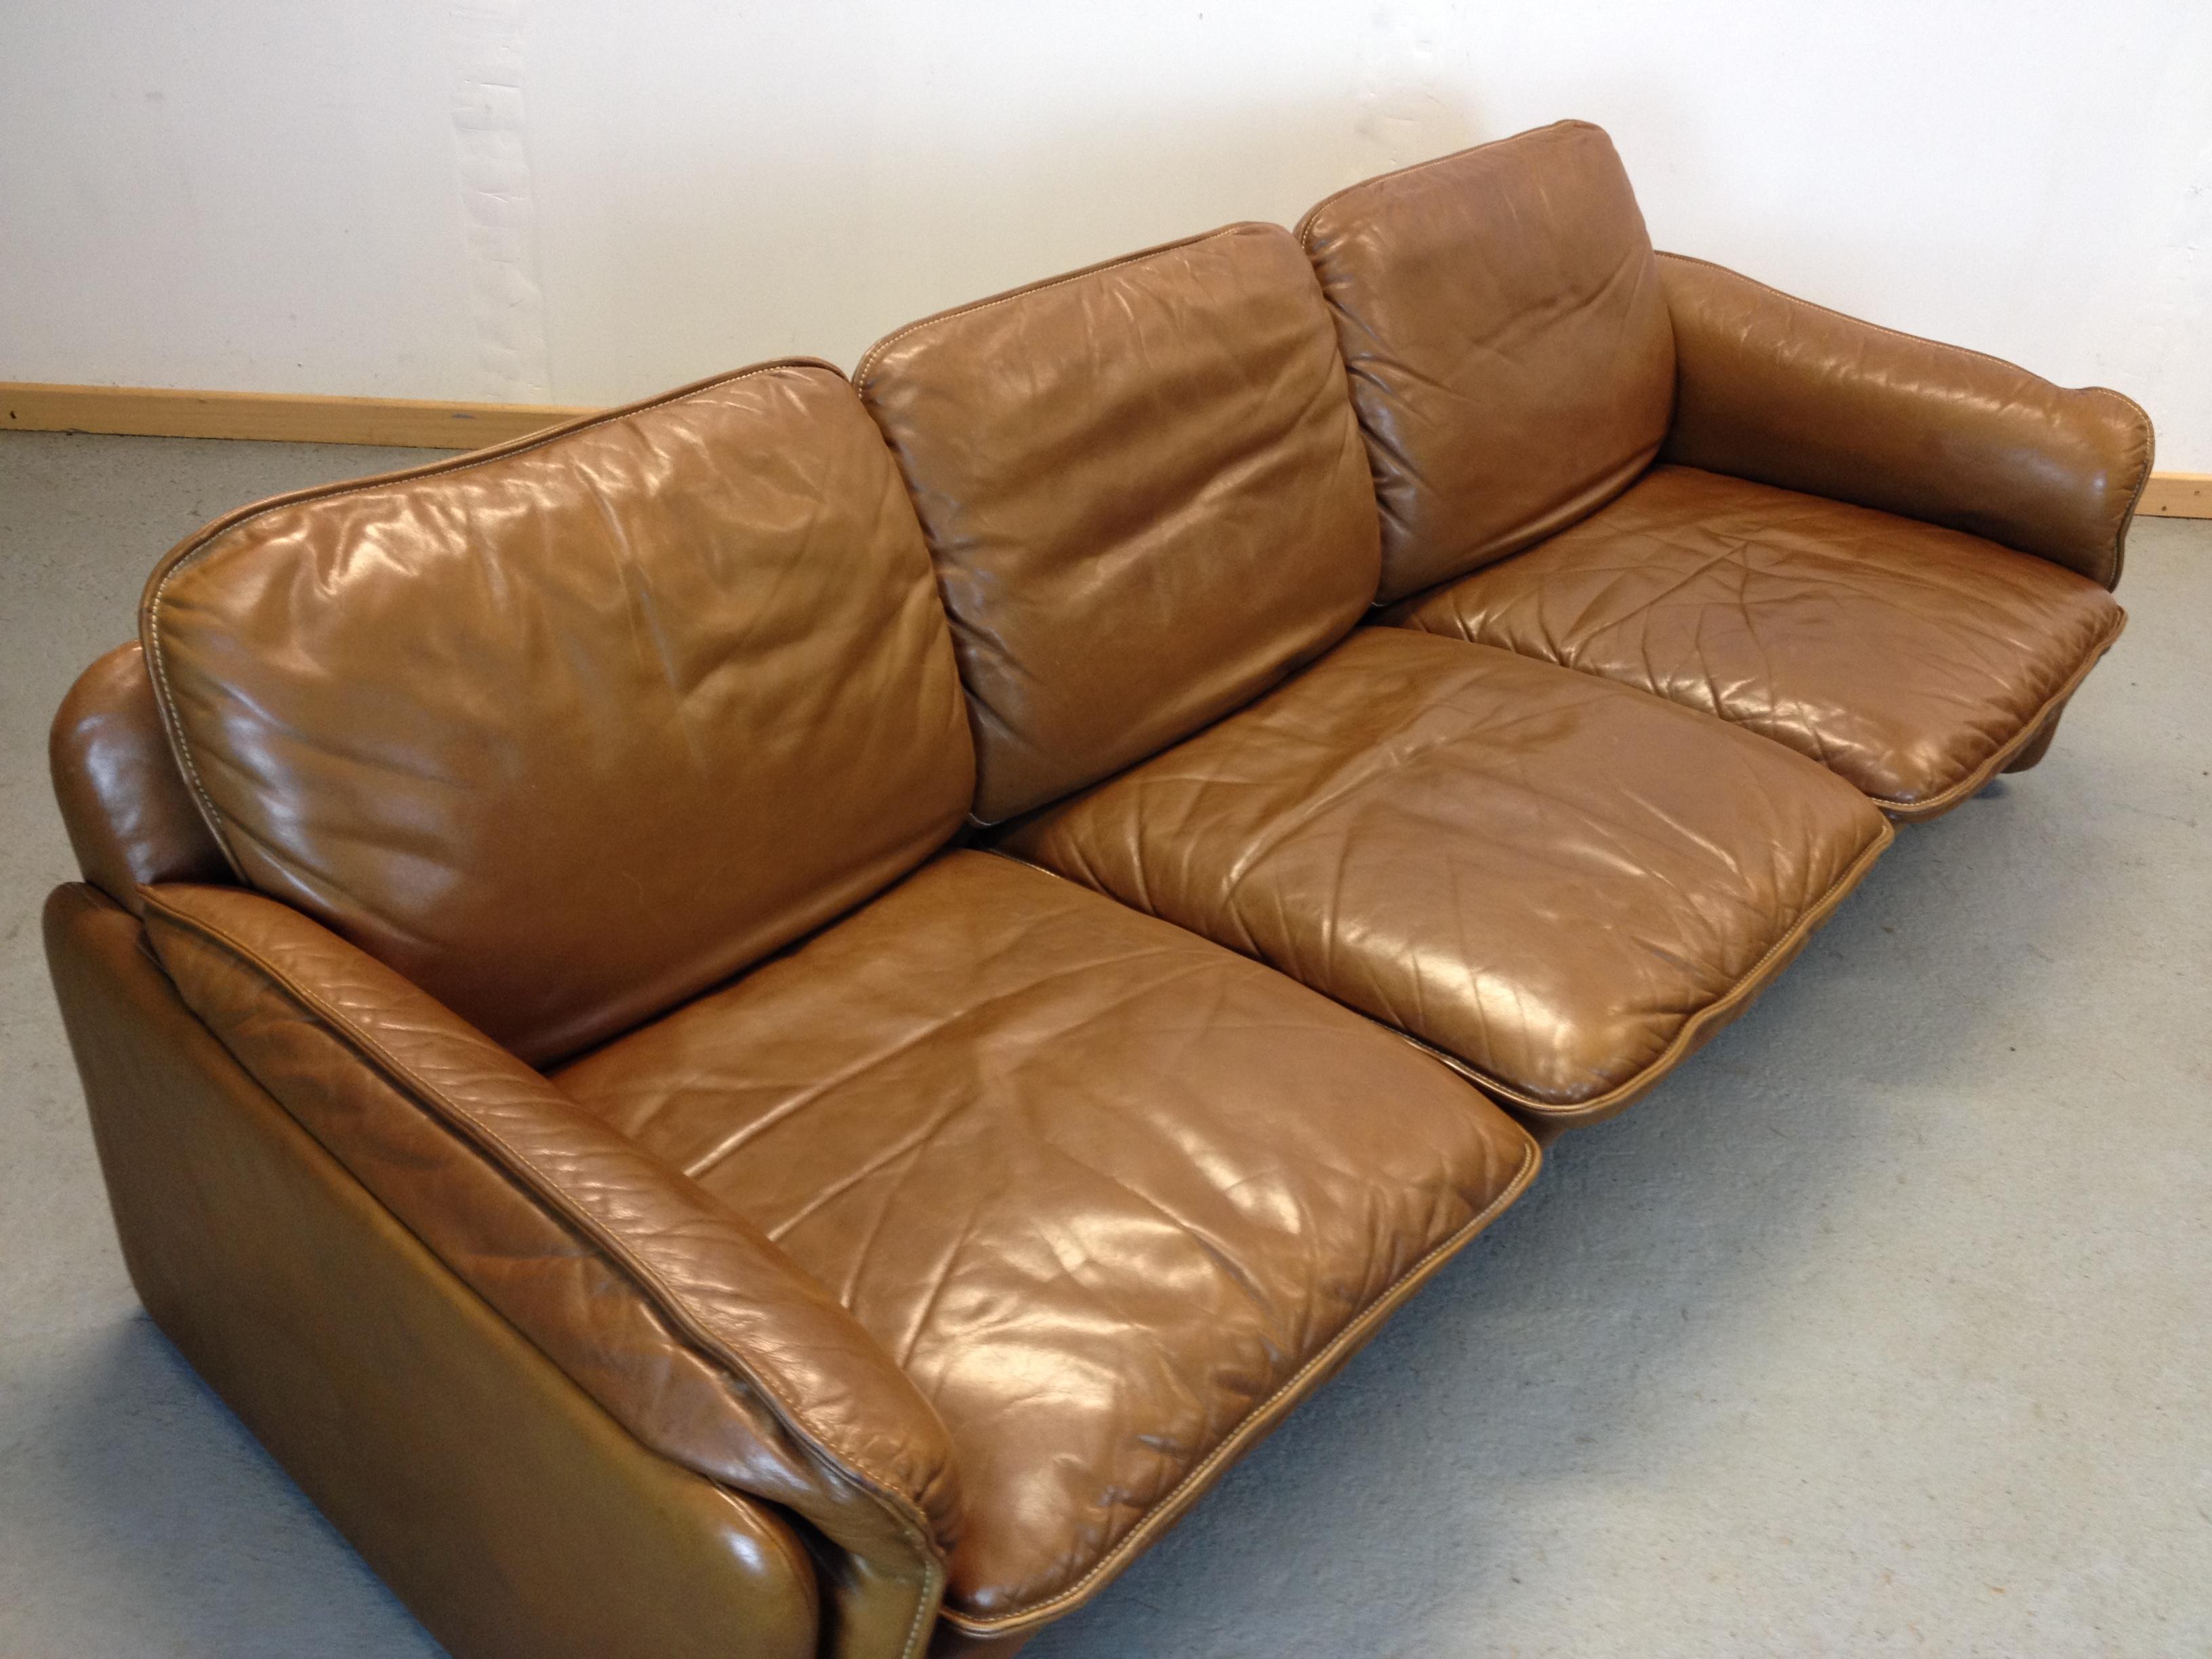 Sofa de sede ds 61 Sofas 50 sarria de ter